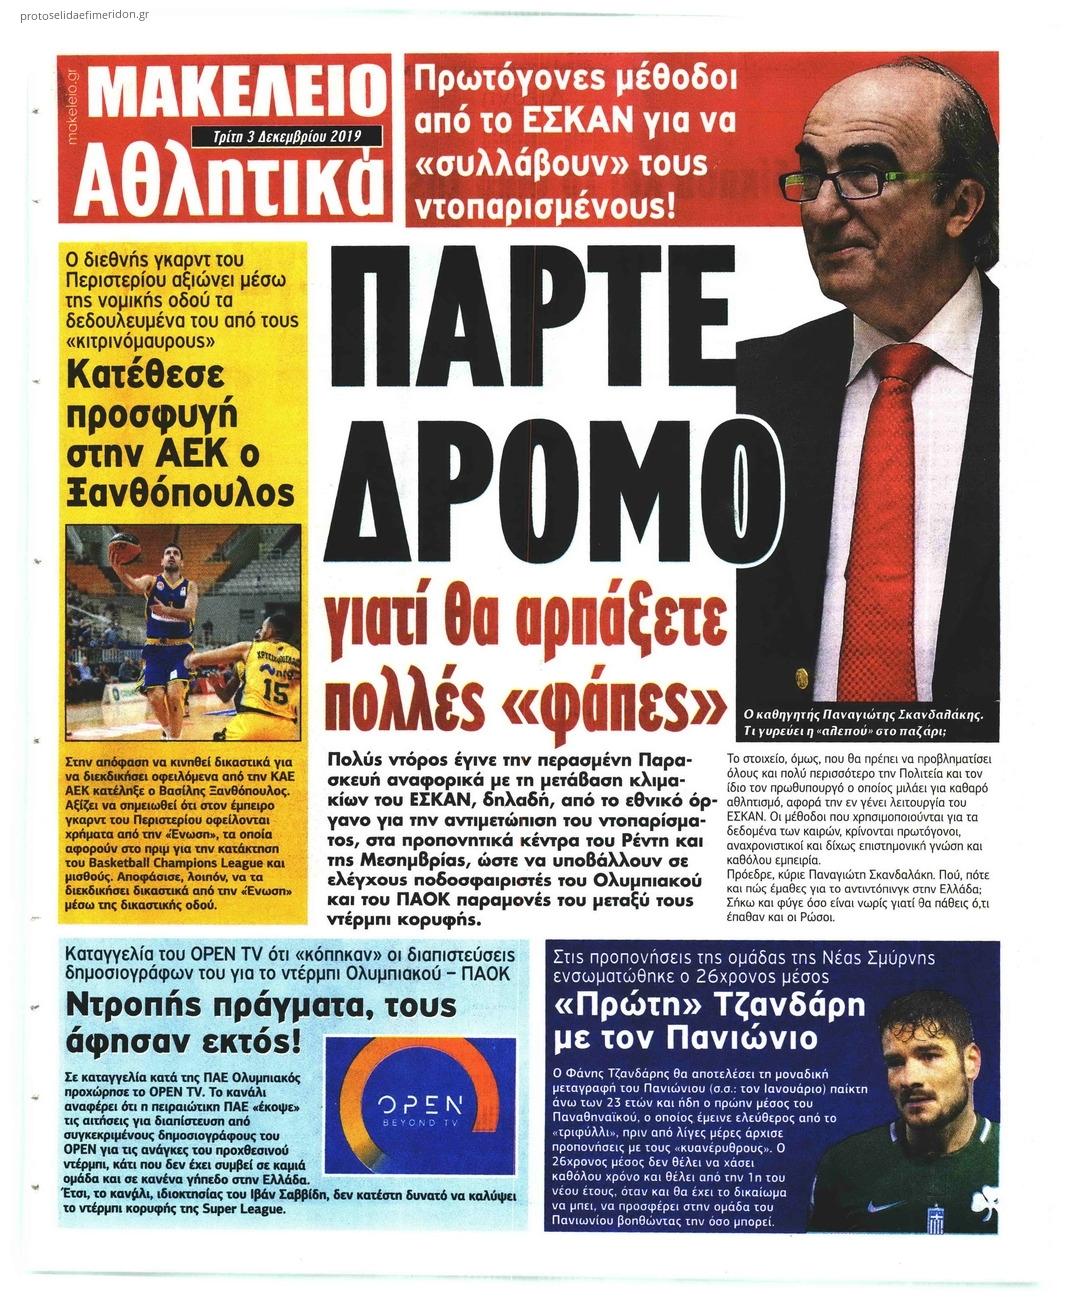 Οπισθόφυλλο εφημερίδας Μακελειό